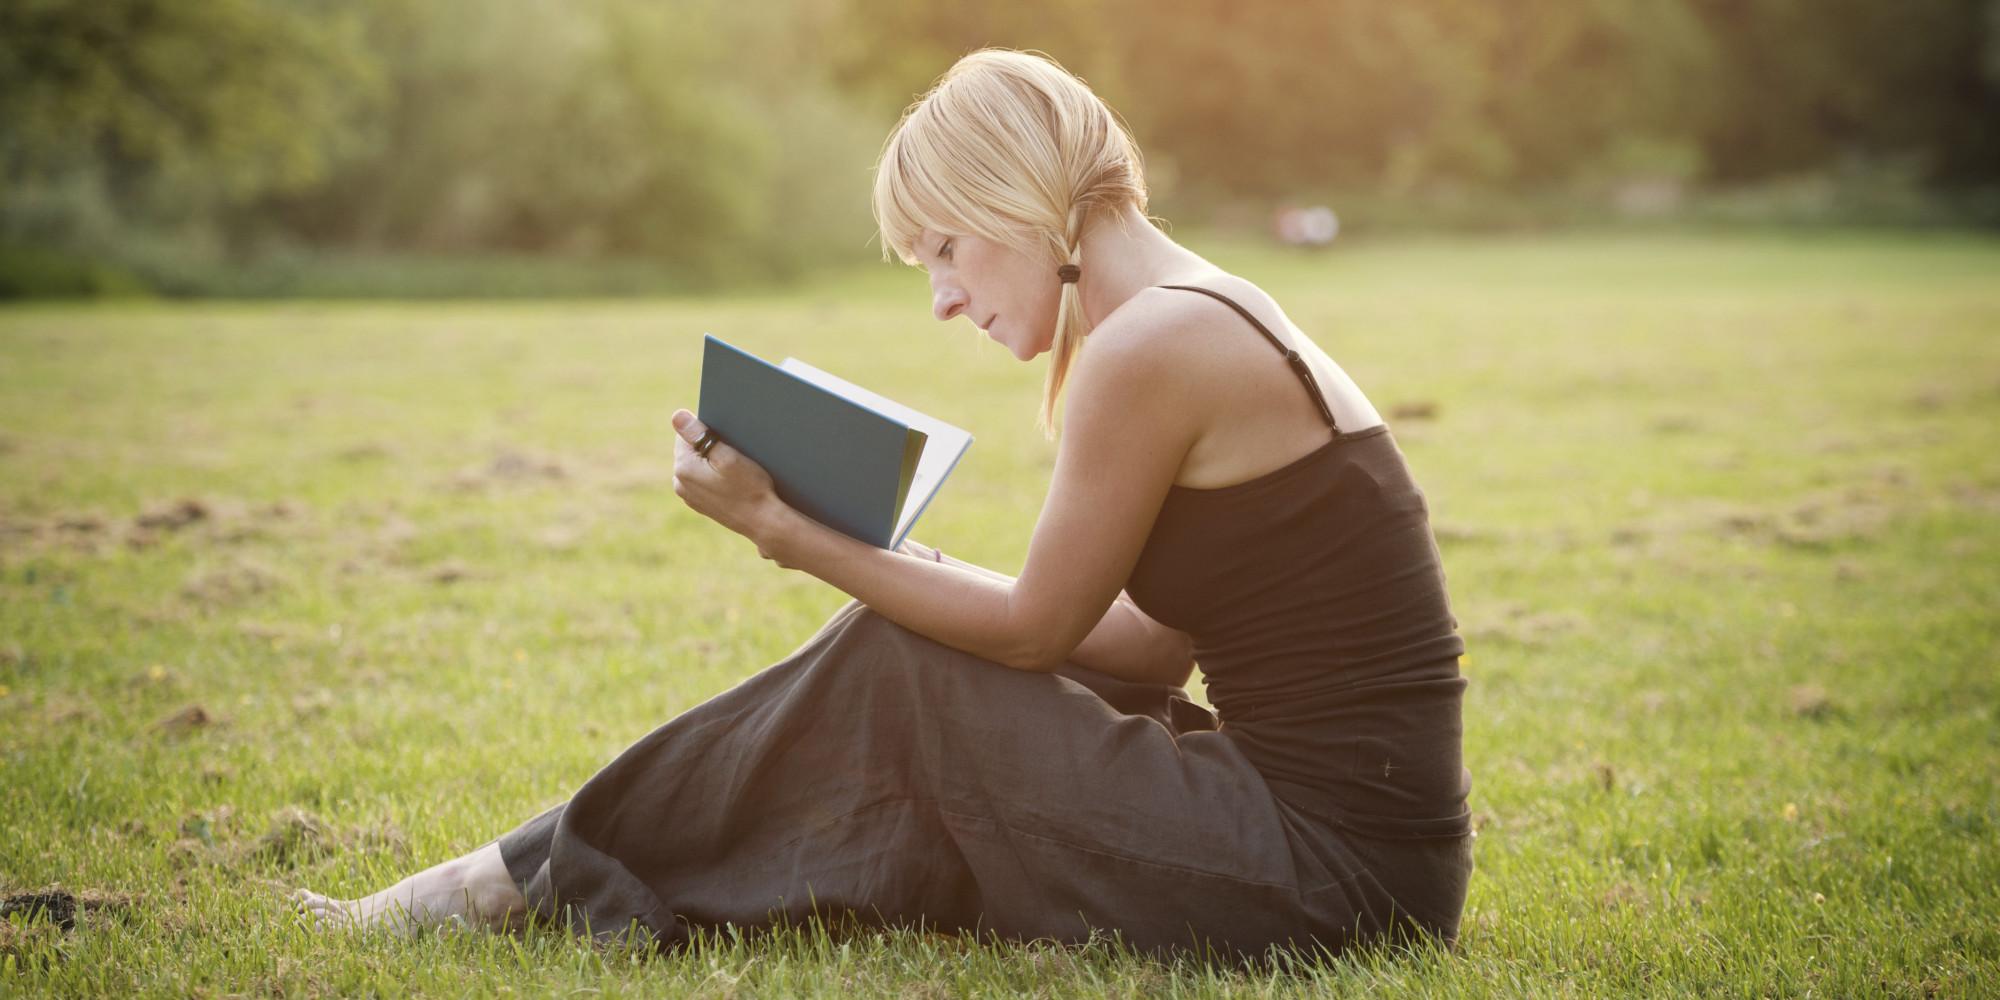 Риск развития близорукости снижается на солнечном свете